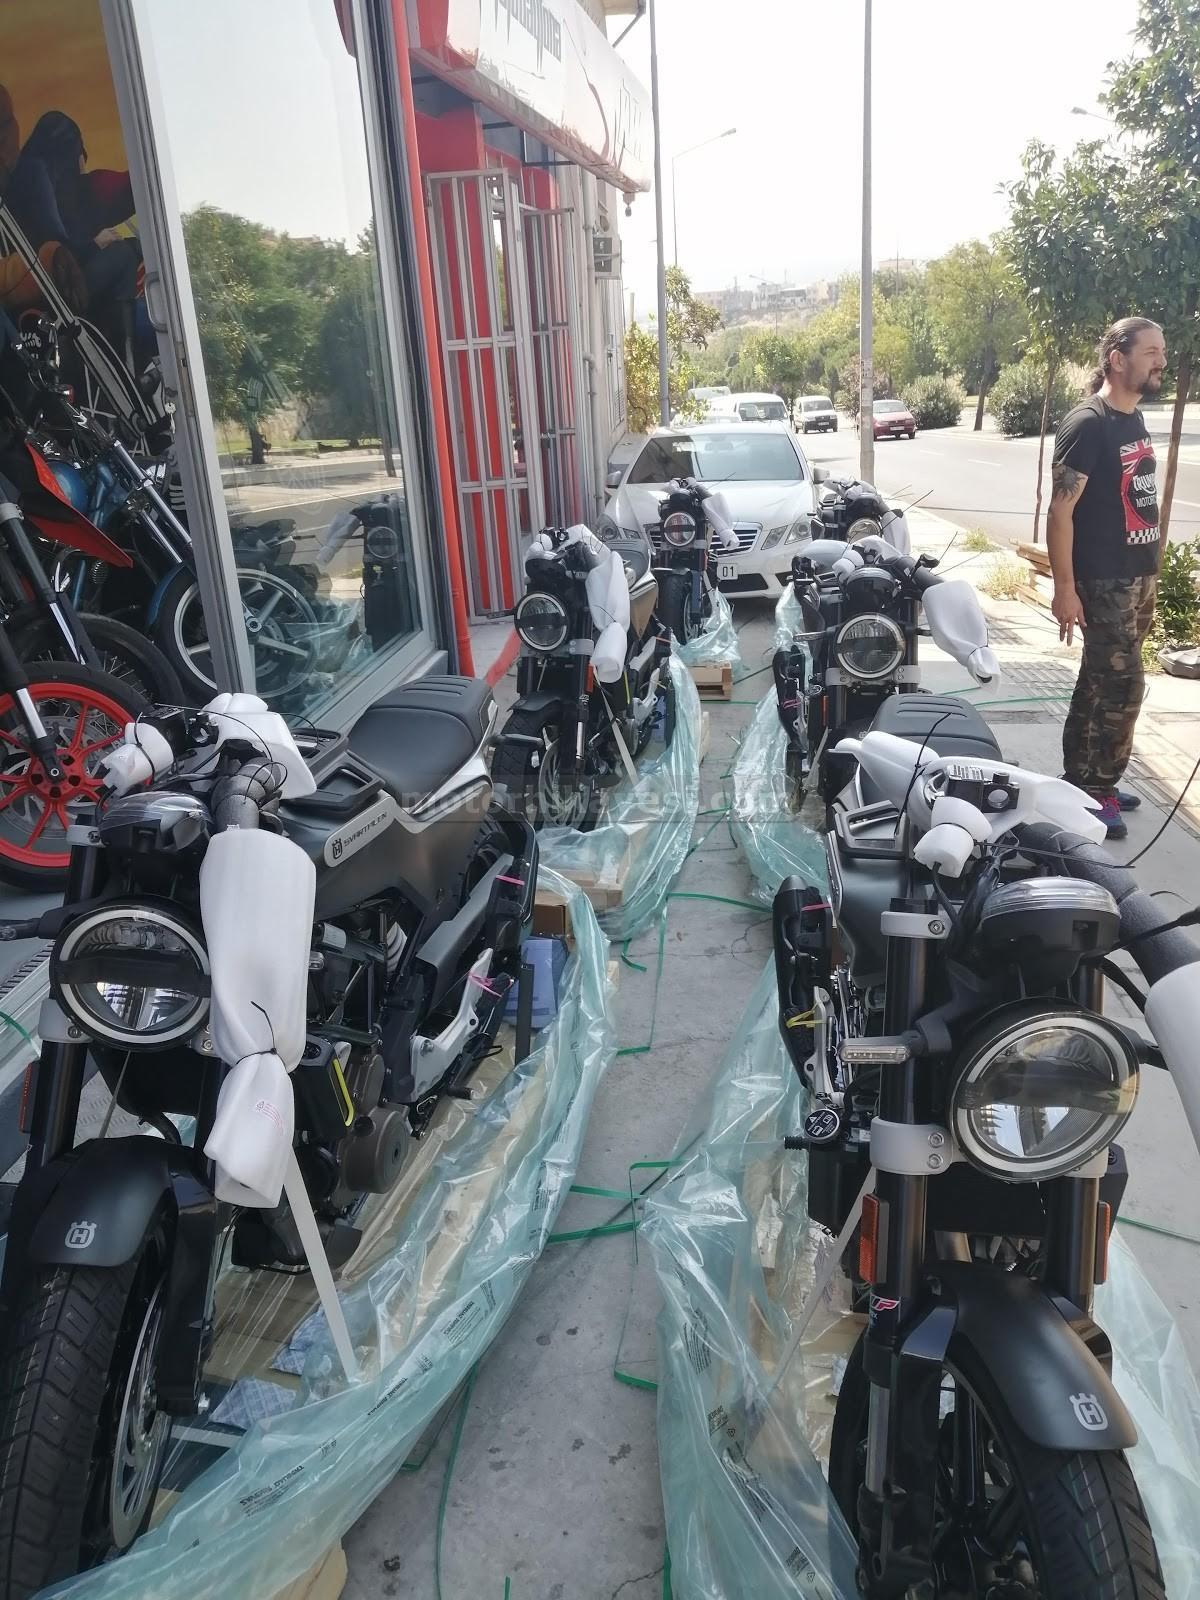 sıfır motosiklet nasıl gelir - iniş, naylon açma dik